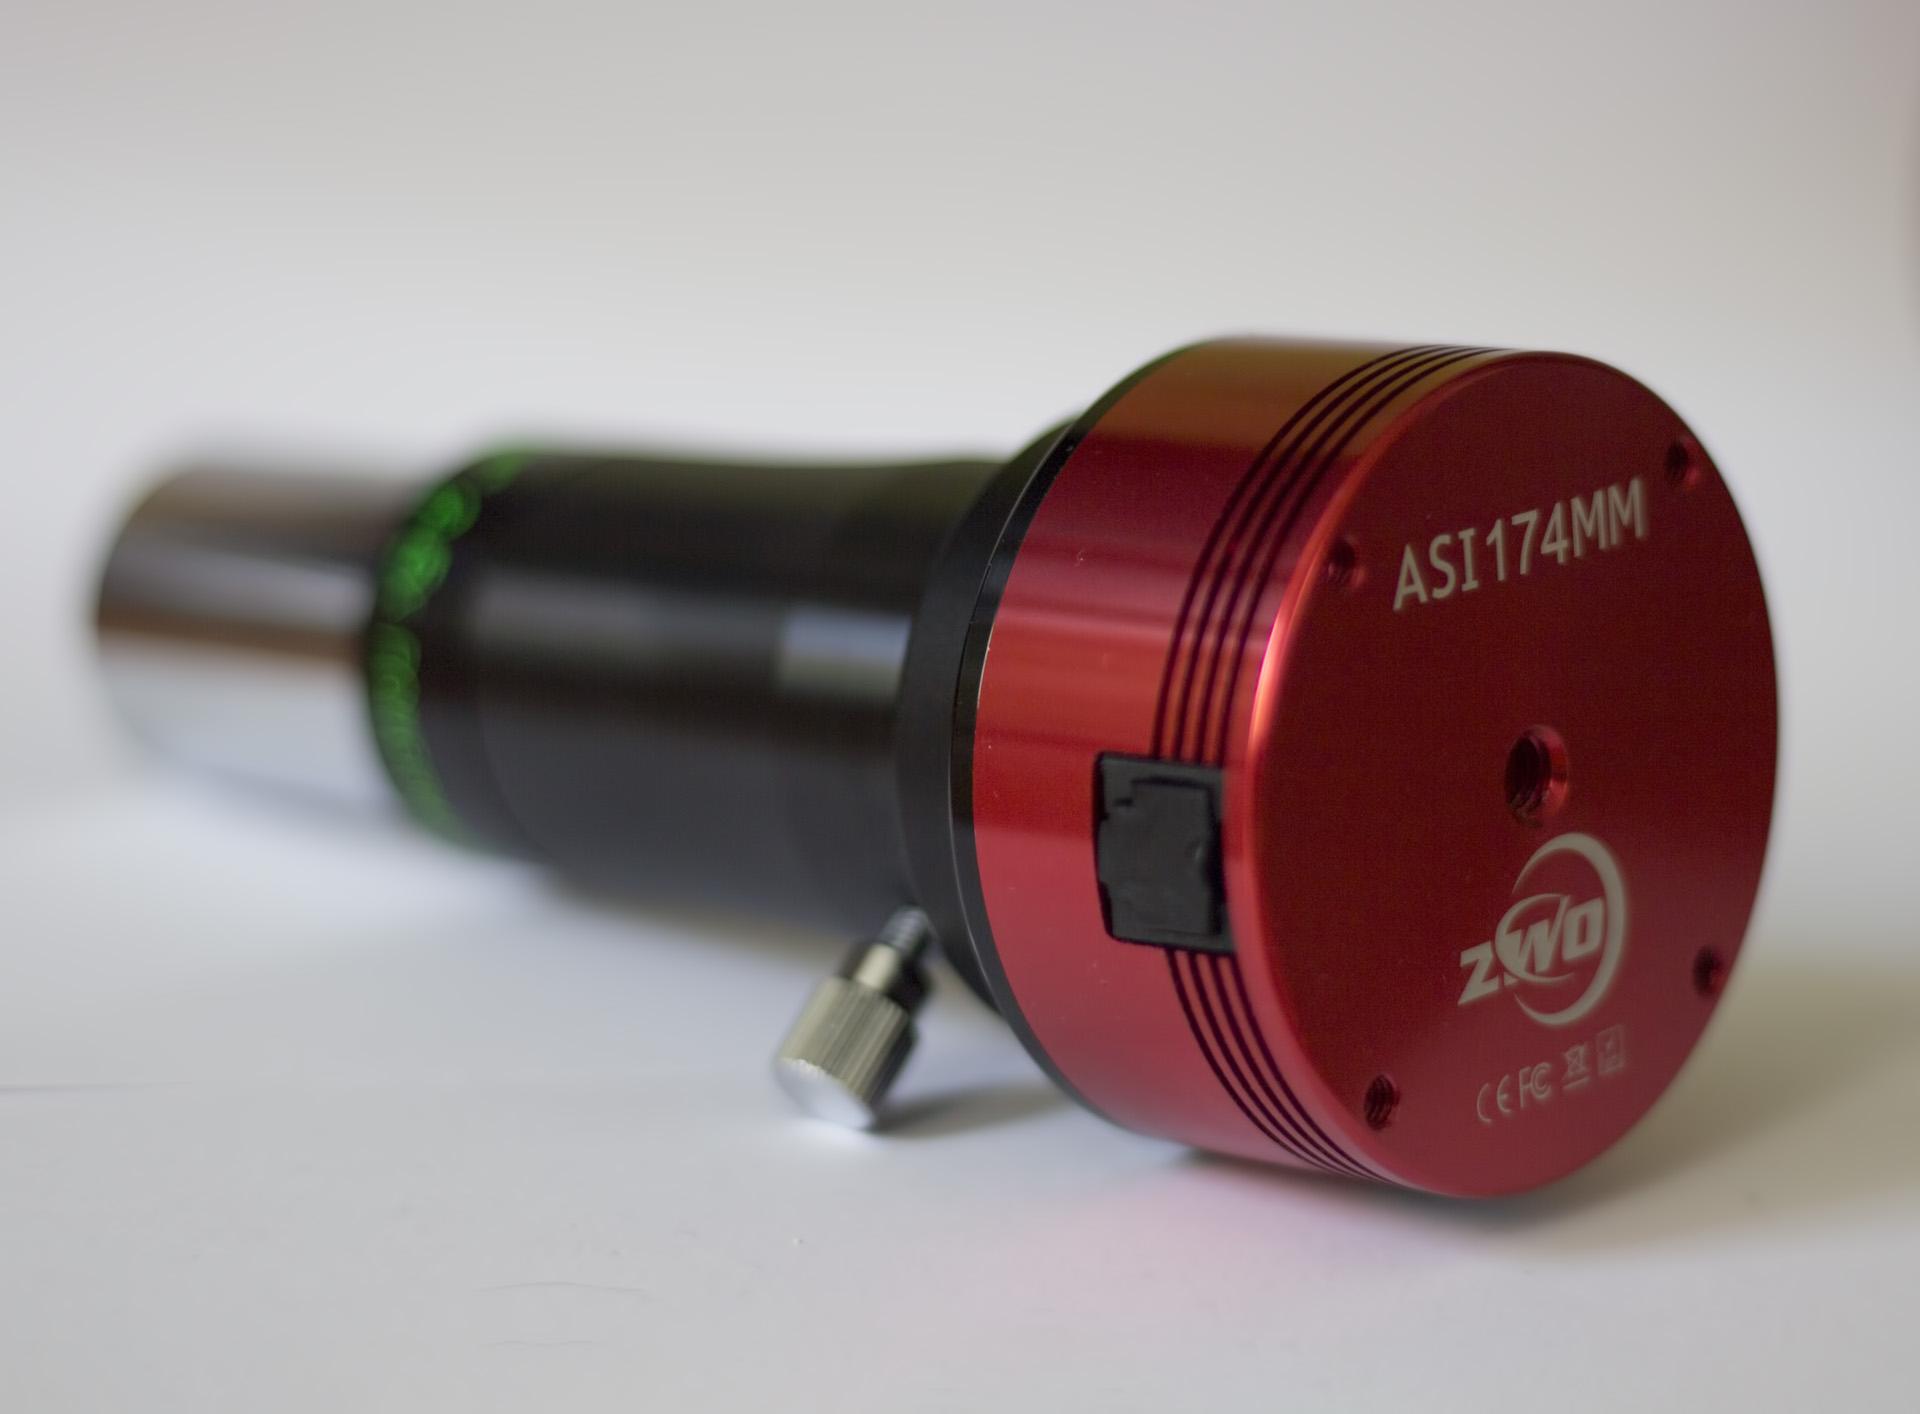 ZWO ASI174mm videókamera